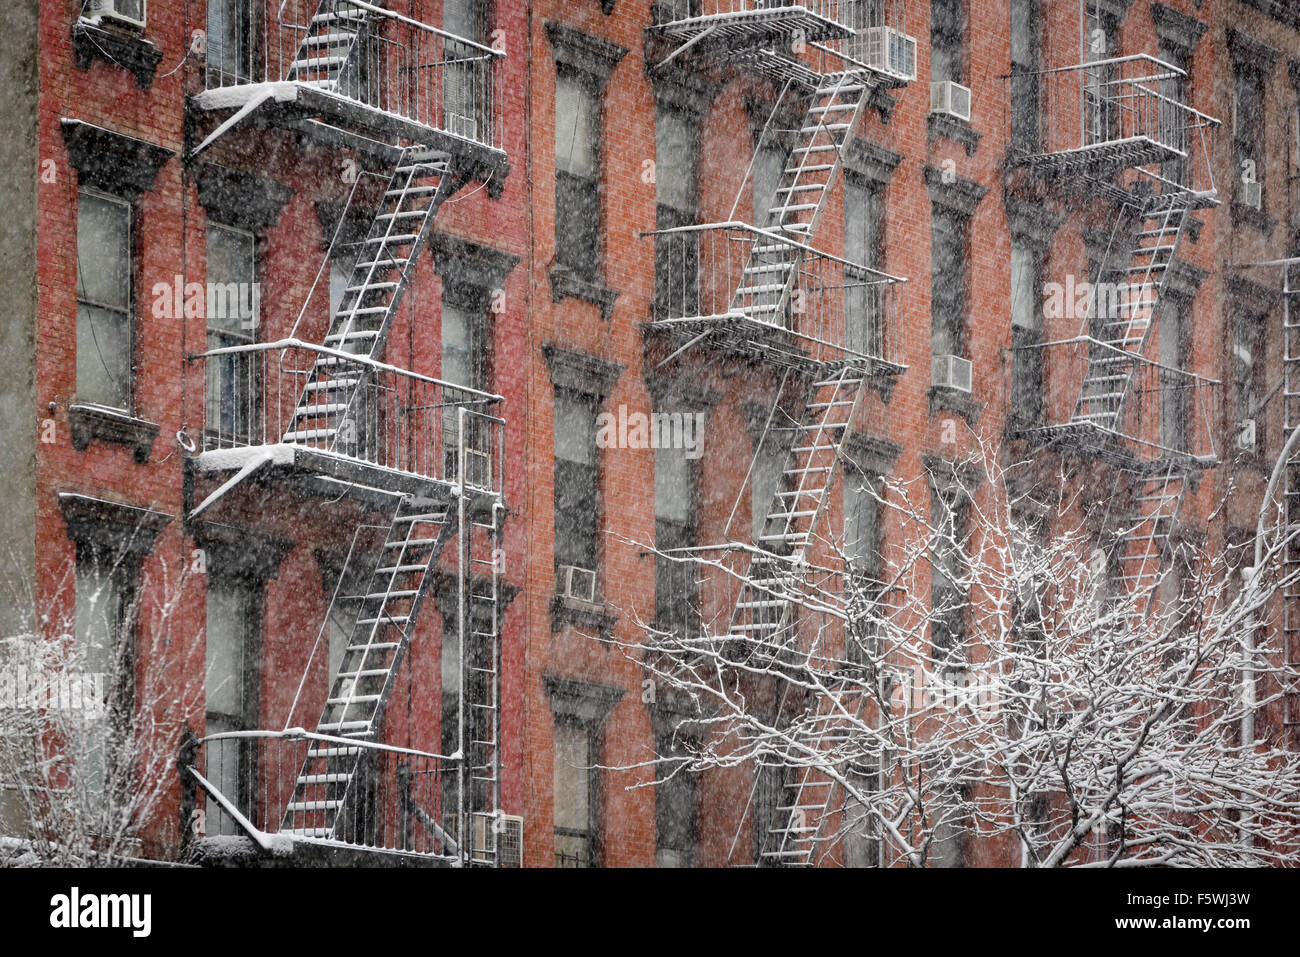 Fachada del edificio de ladrillo con Chelsea incendio cubierto de nieve durante el invierno, la nieve, Manhattan, Imagen De Stock